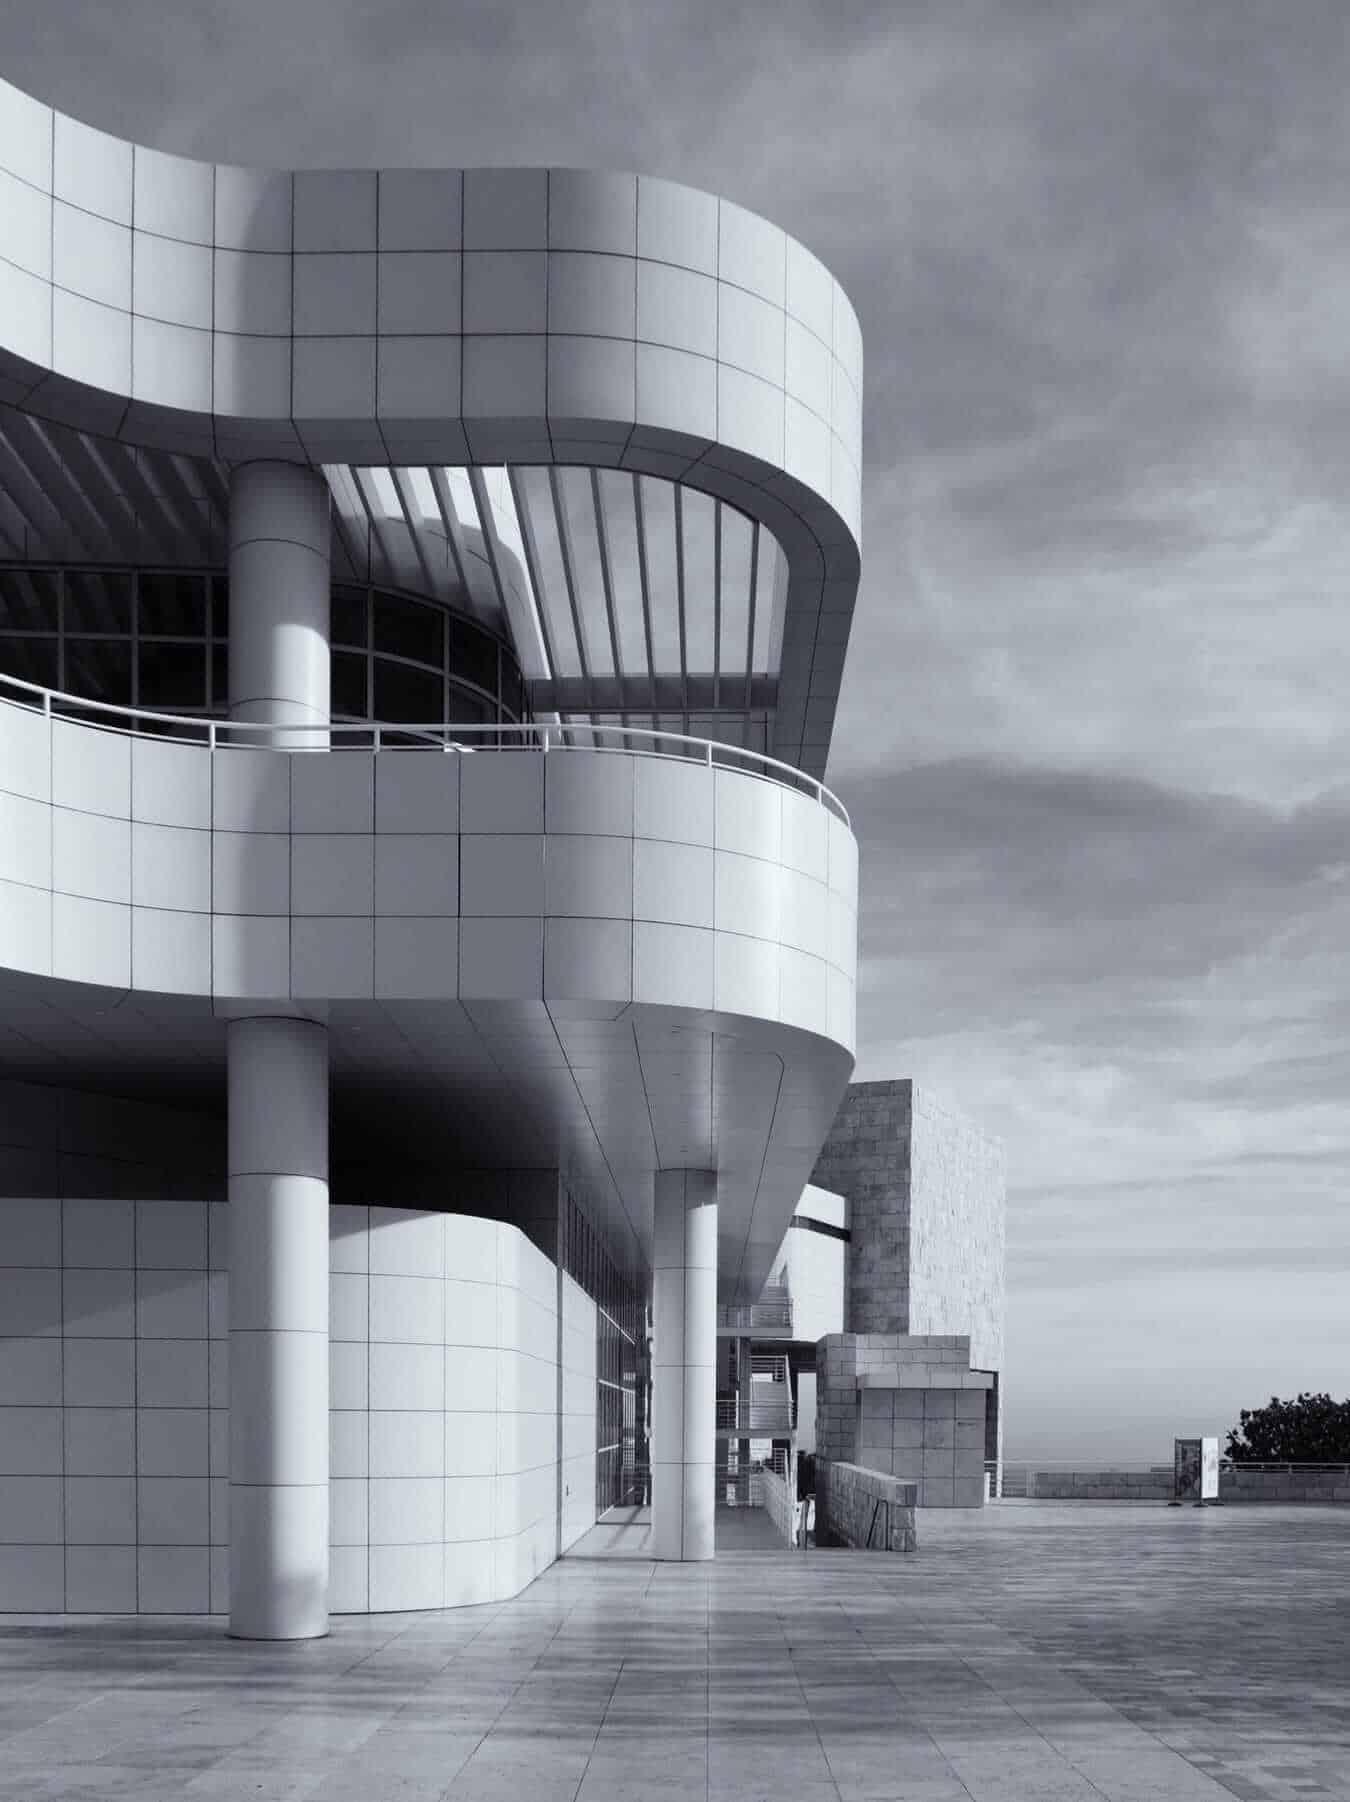 J. Paul Getty Museum, Los Angeles